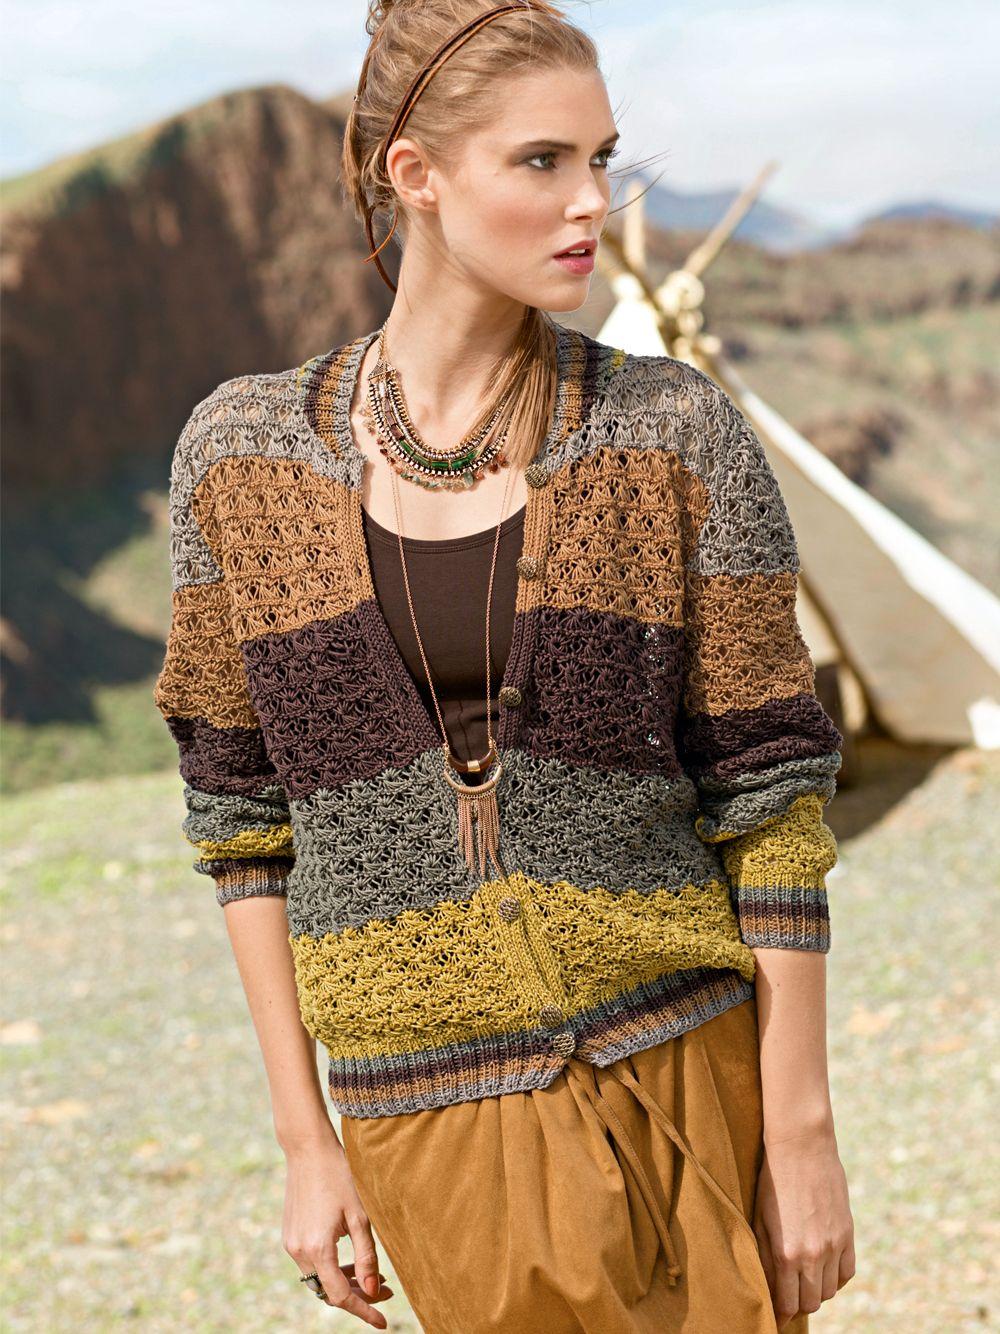 Жакет с ажурным узором с полосатыми планками - схема вязания спицами ...